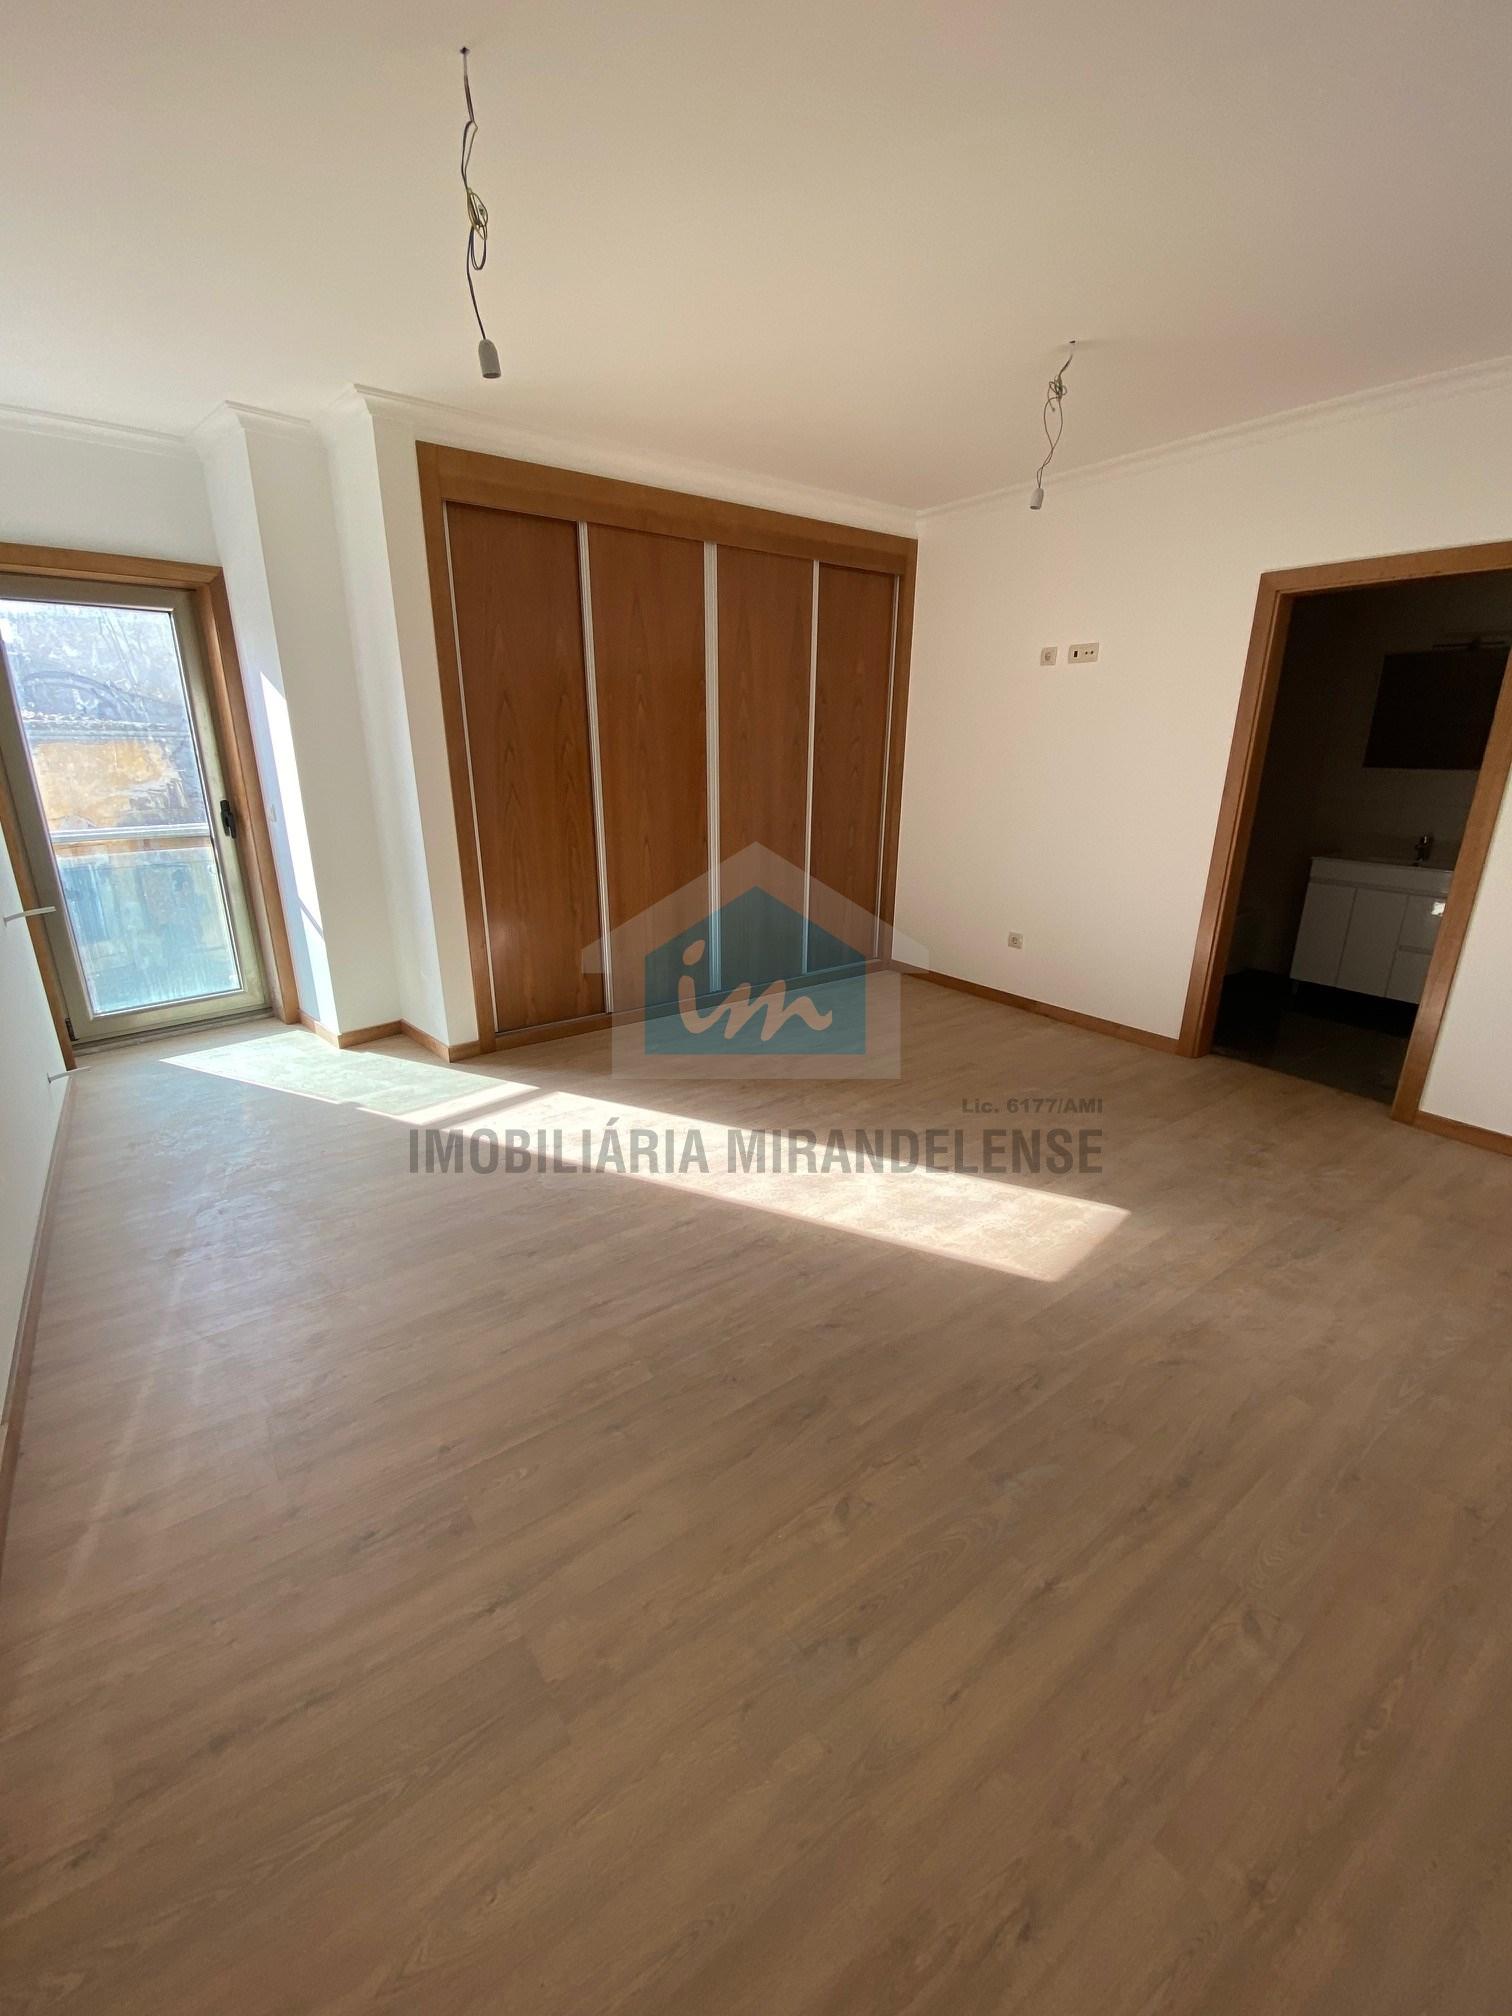 Apartamentos novos T4 para venda com vista para o Rio Tua.